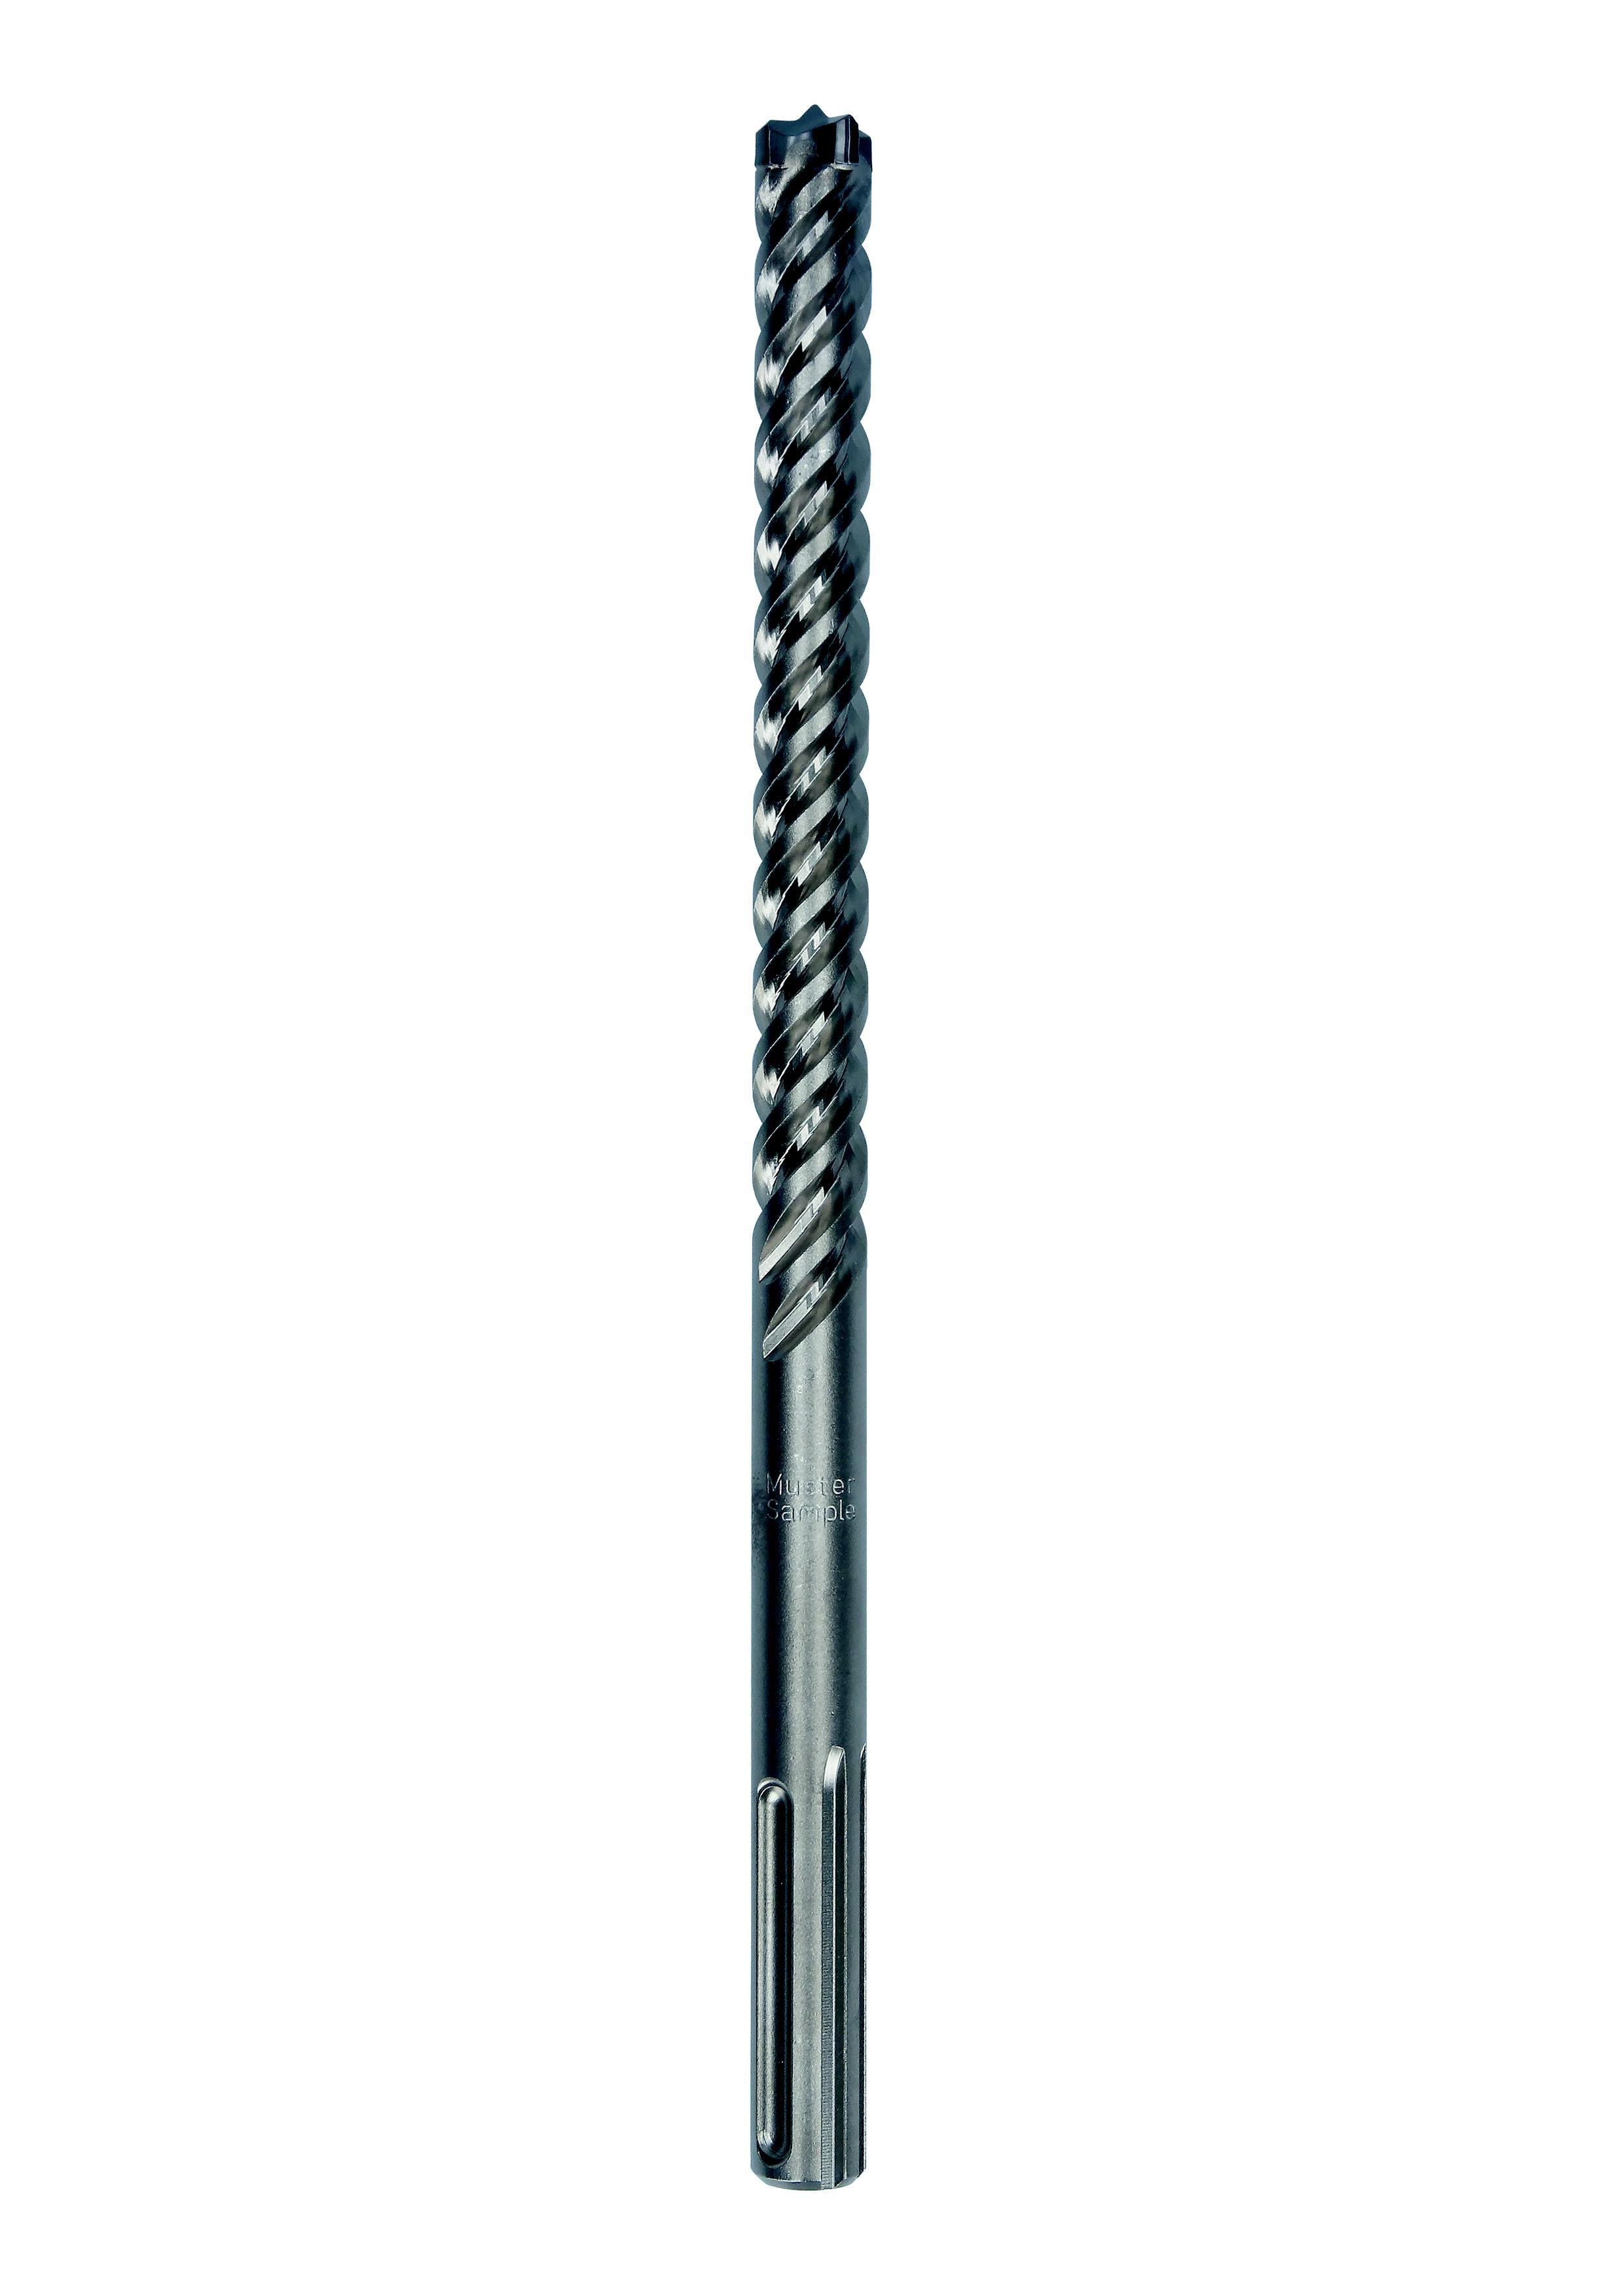 Бур Bosch Sds-max-8x 14 x 200 x 340 мм бур bosch sds max 2608586777